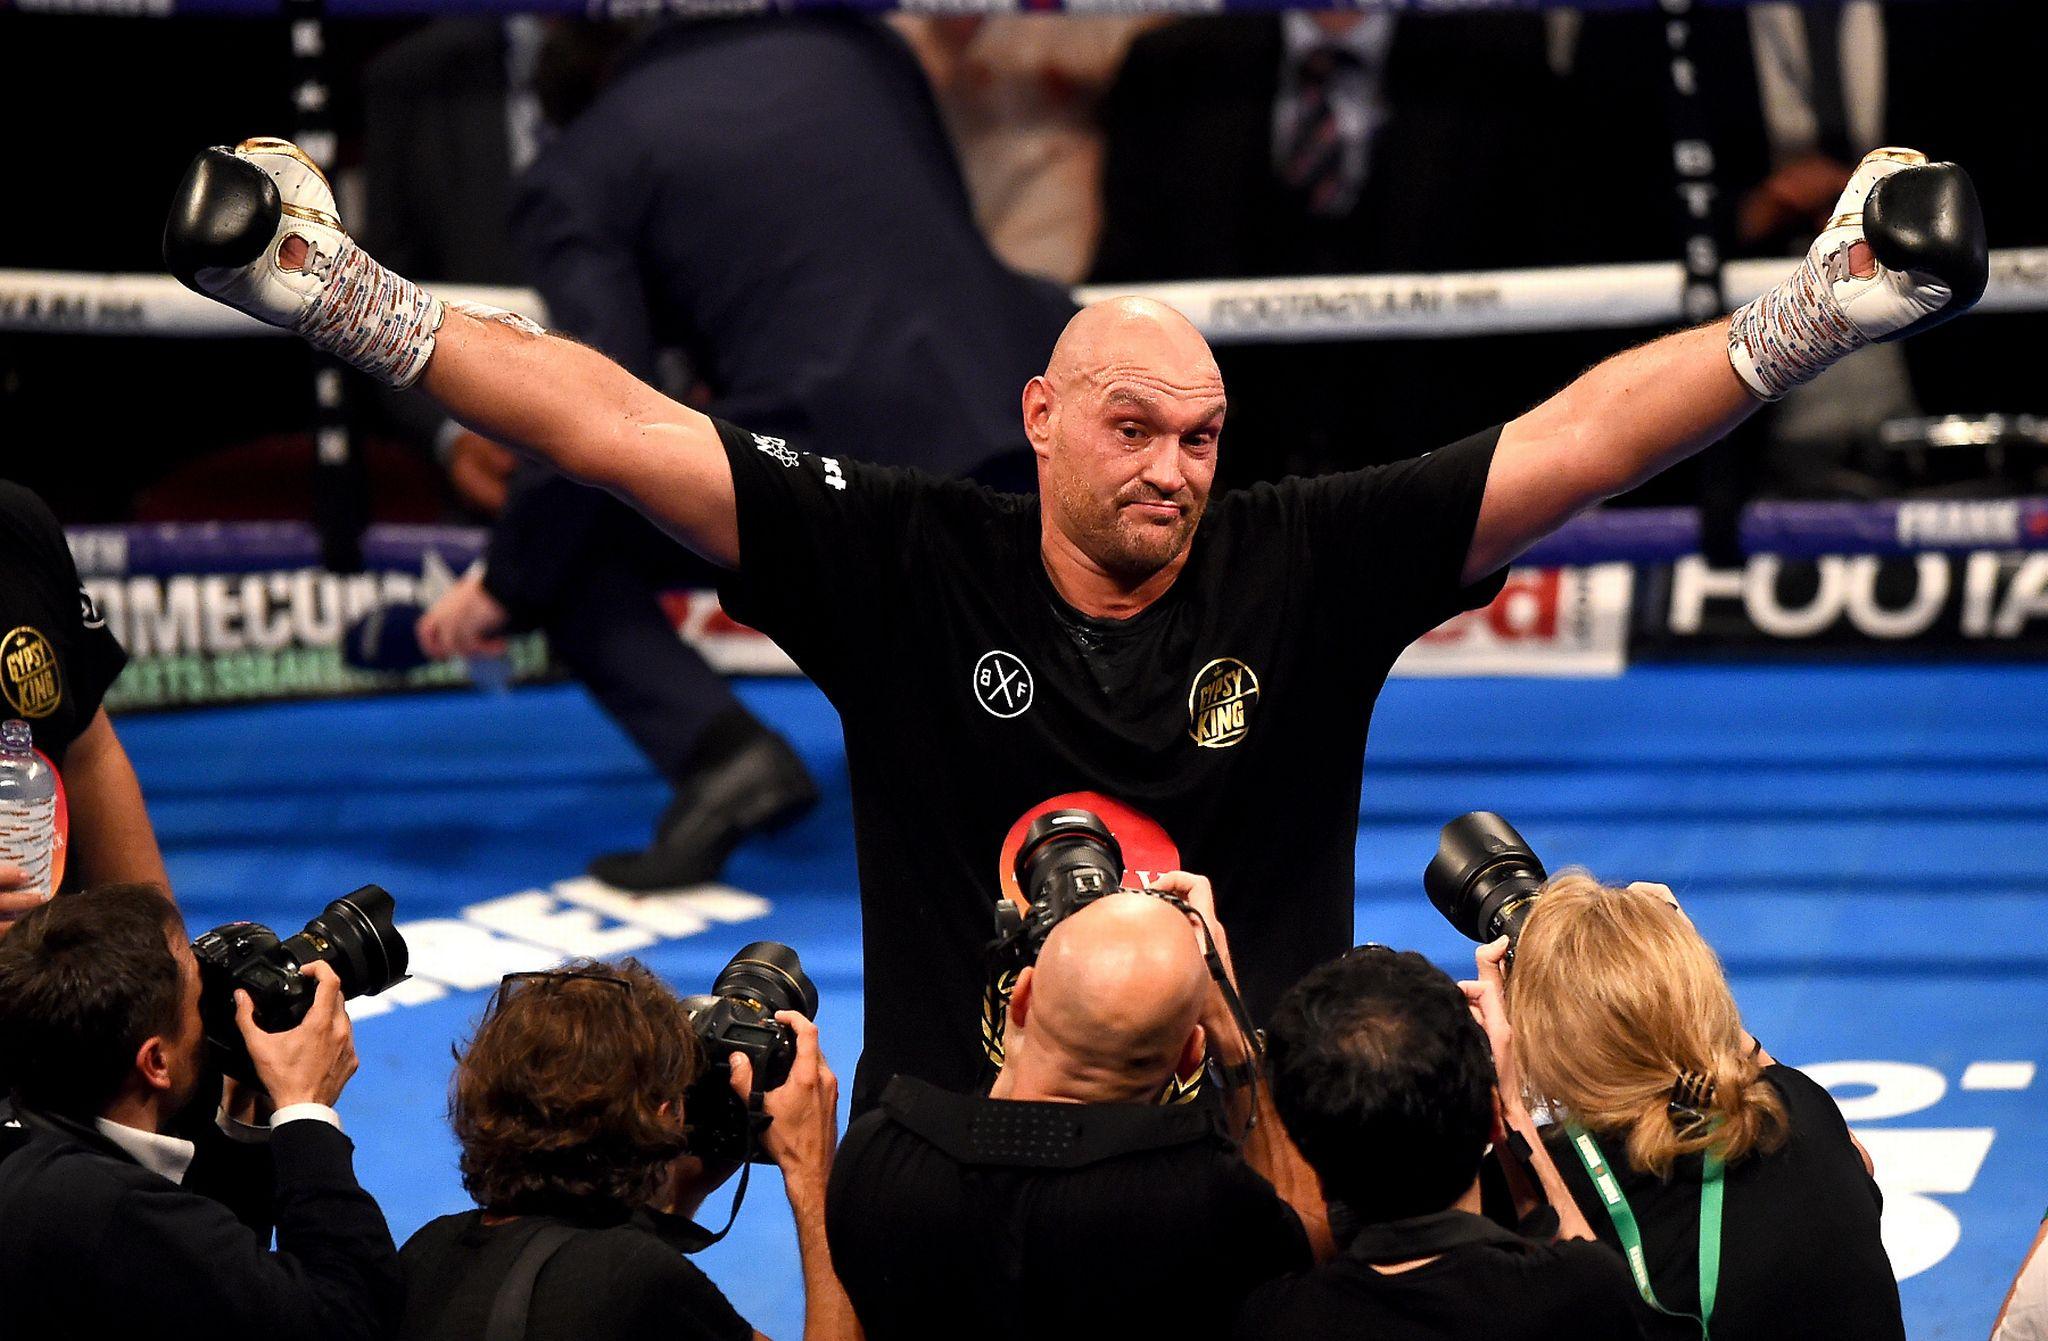 Tyson Fury logra un regreso triunfal al boxeo